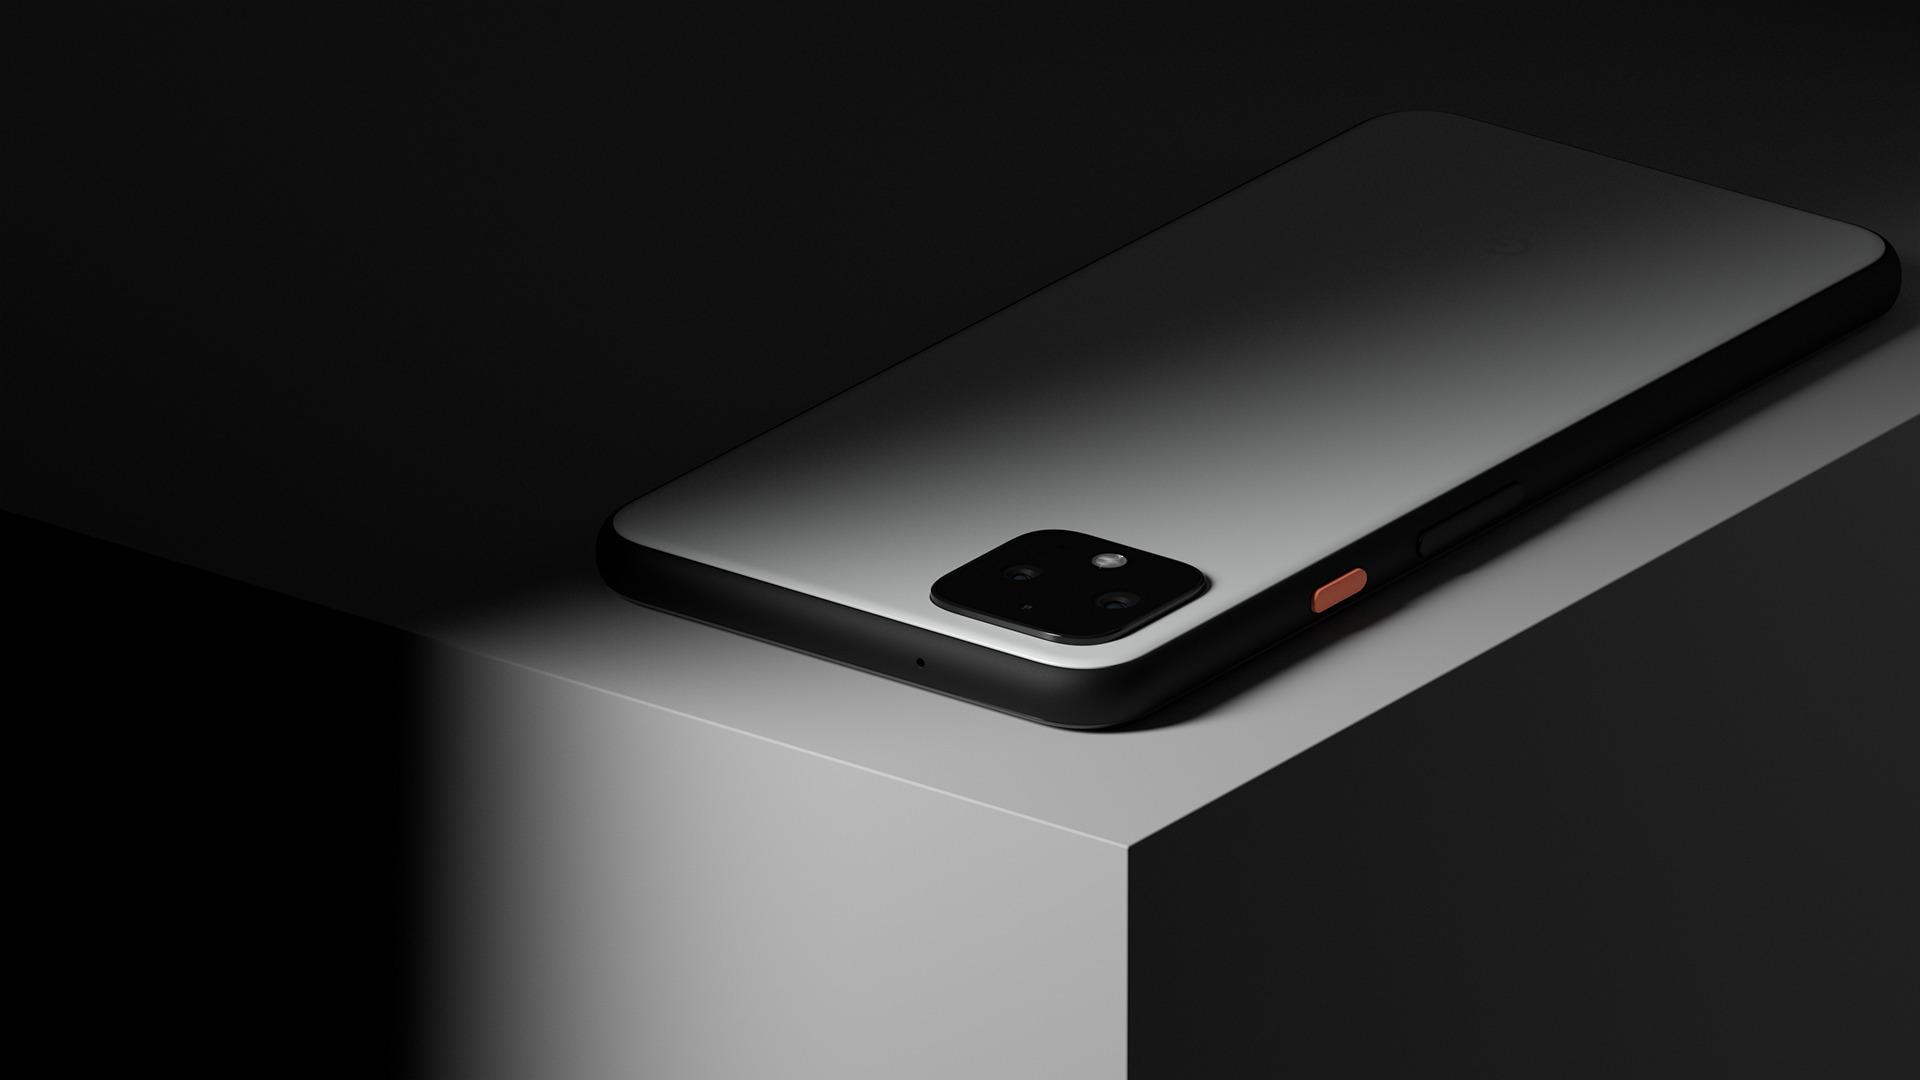 Czarodziej stojący za sukcesem aparatów w smartfonach Google Pixel przechodzi do konkurencji